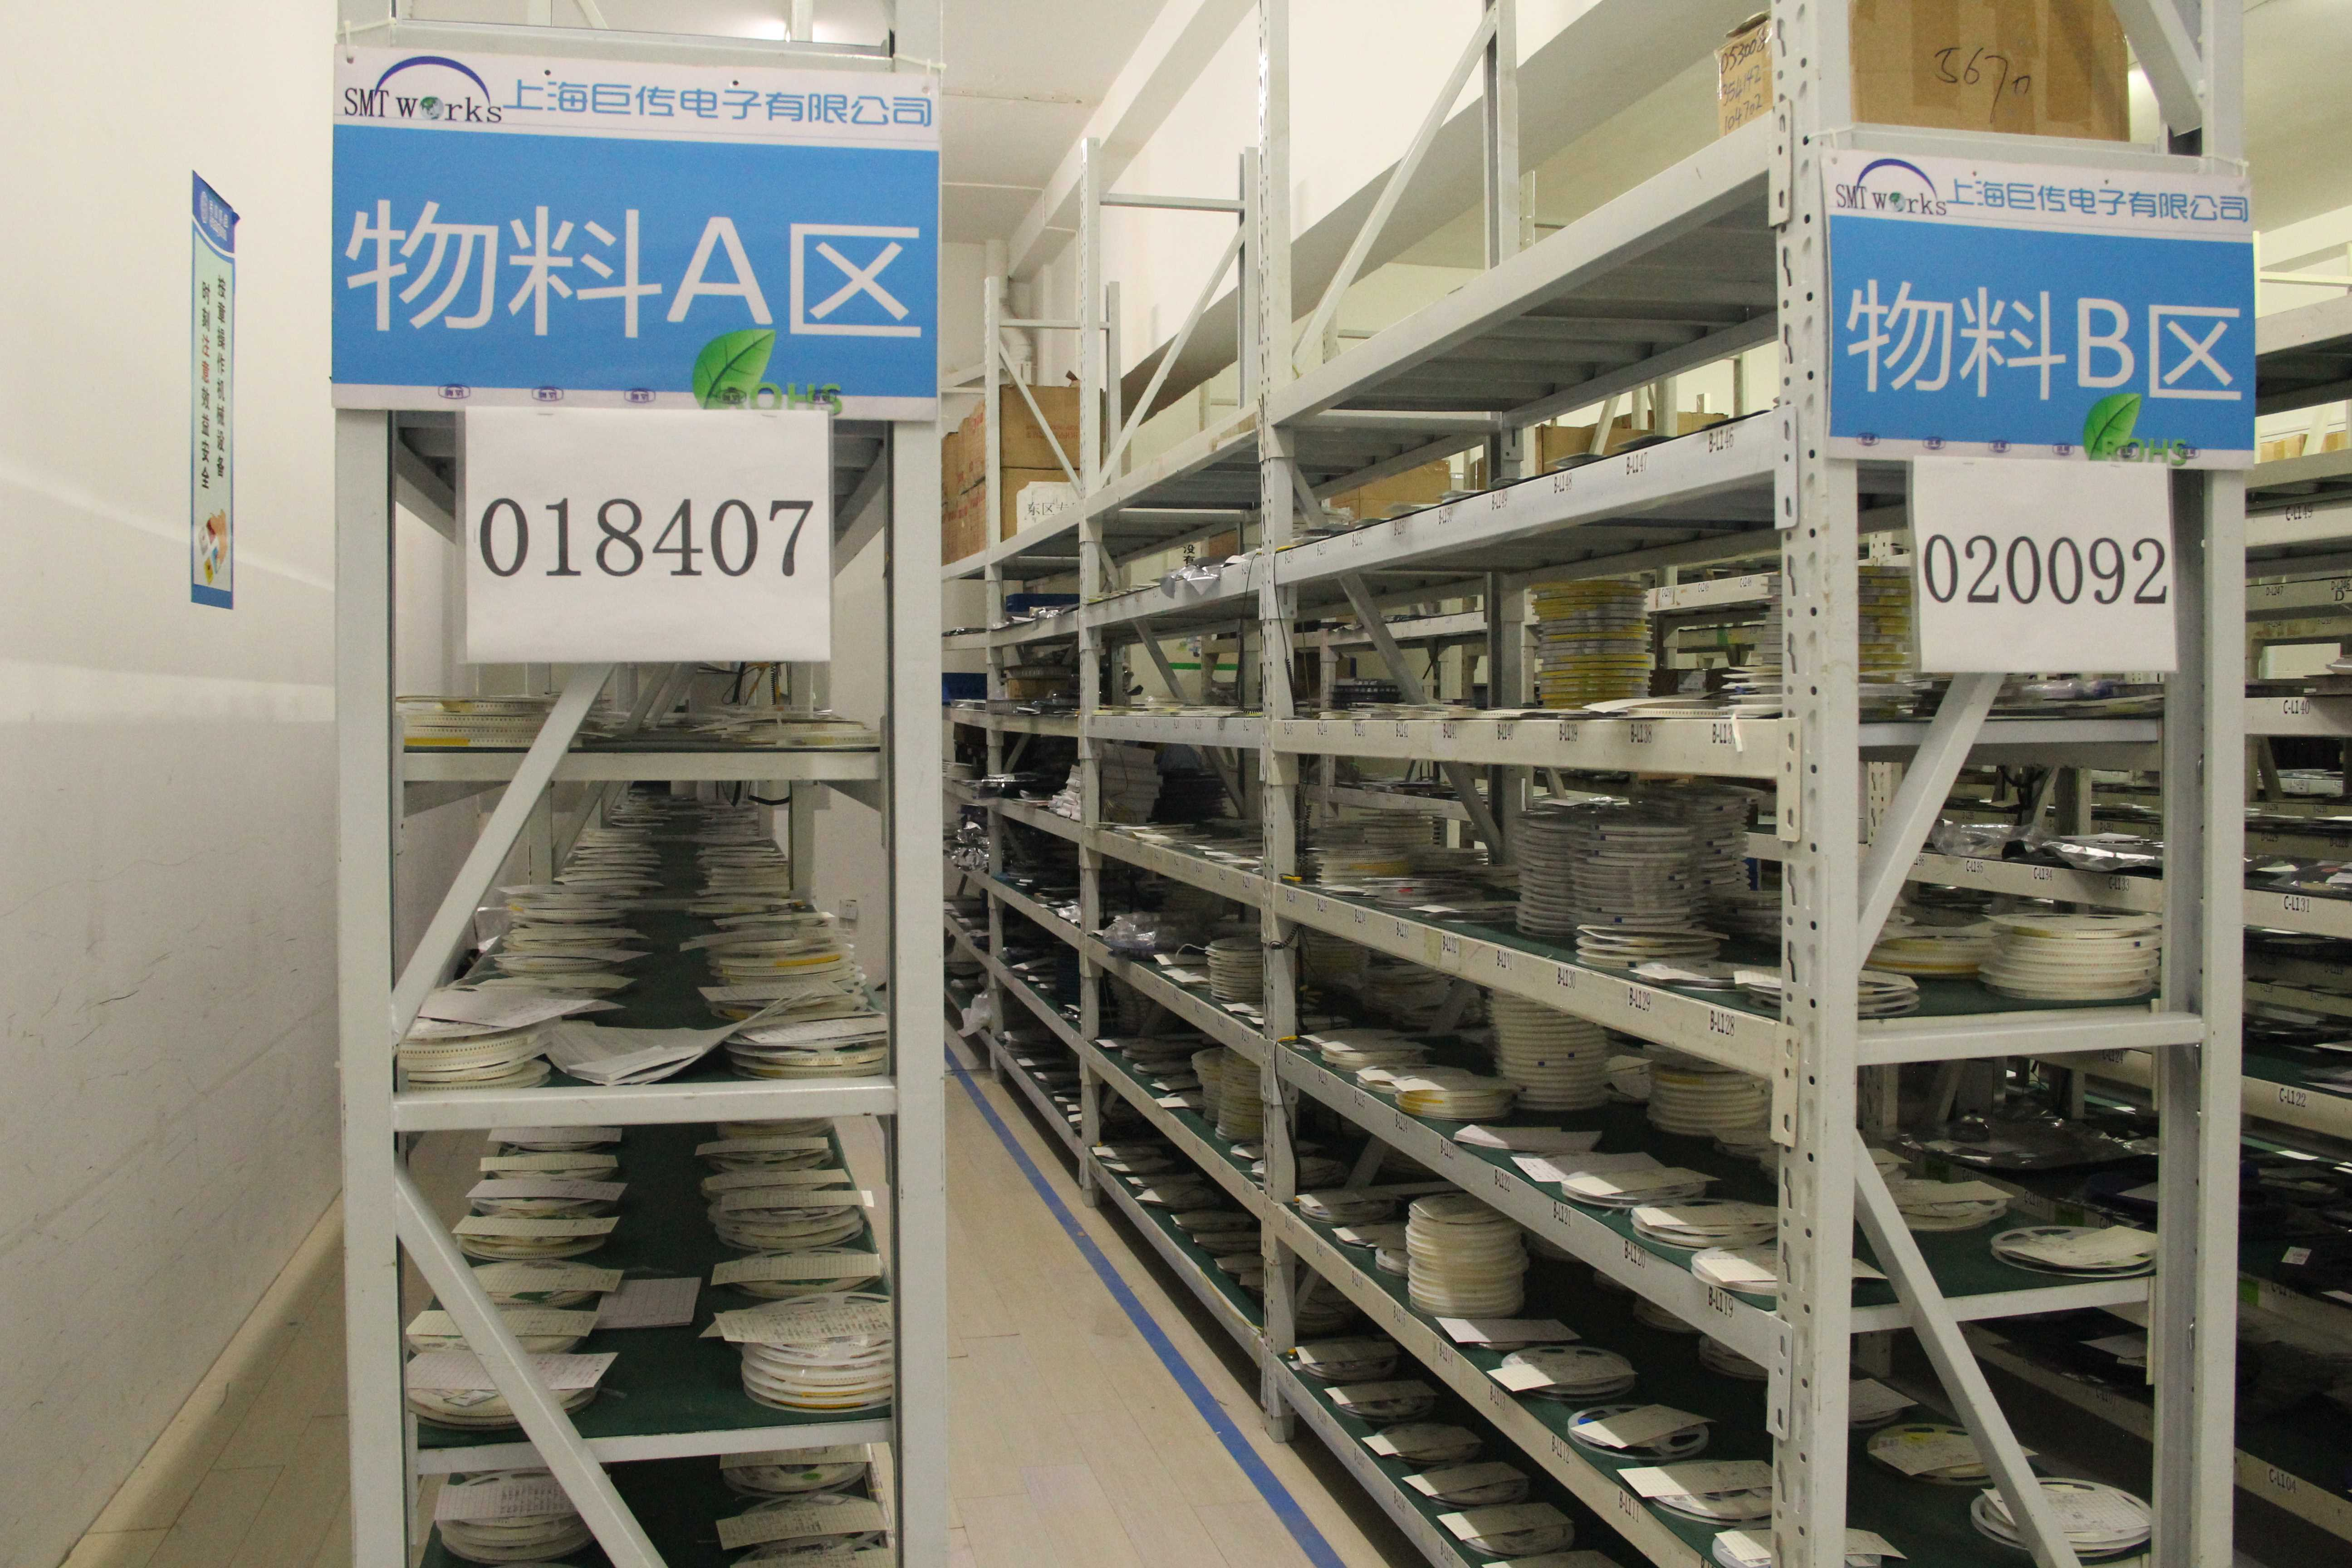 上海巨傳電子阻容倉庫2